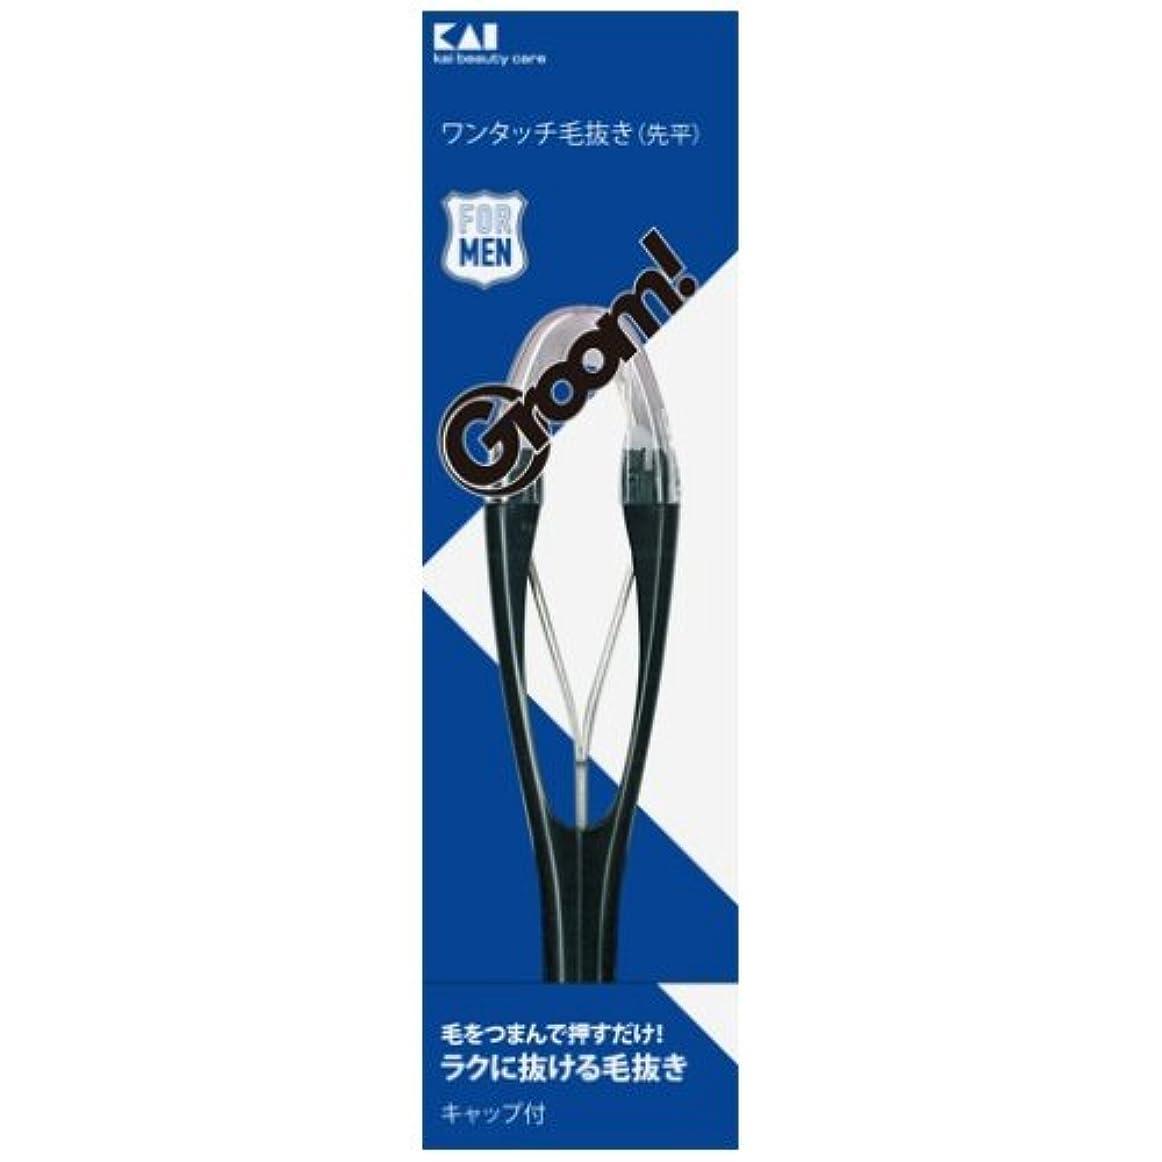 重さ増強嘆くグルーム(Groom!) ワンタッチ毛抜き (先平 ) HC3022